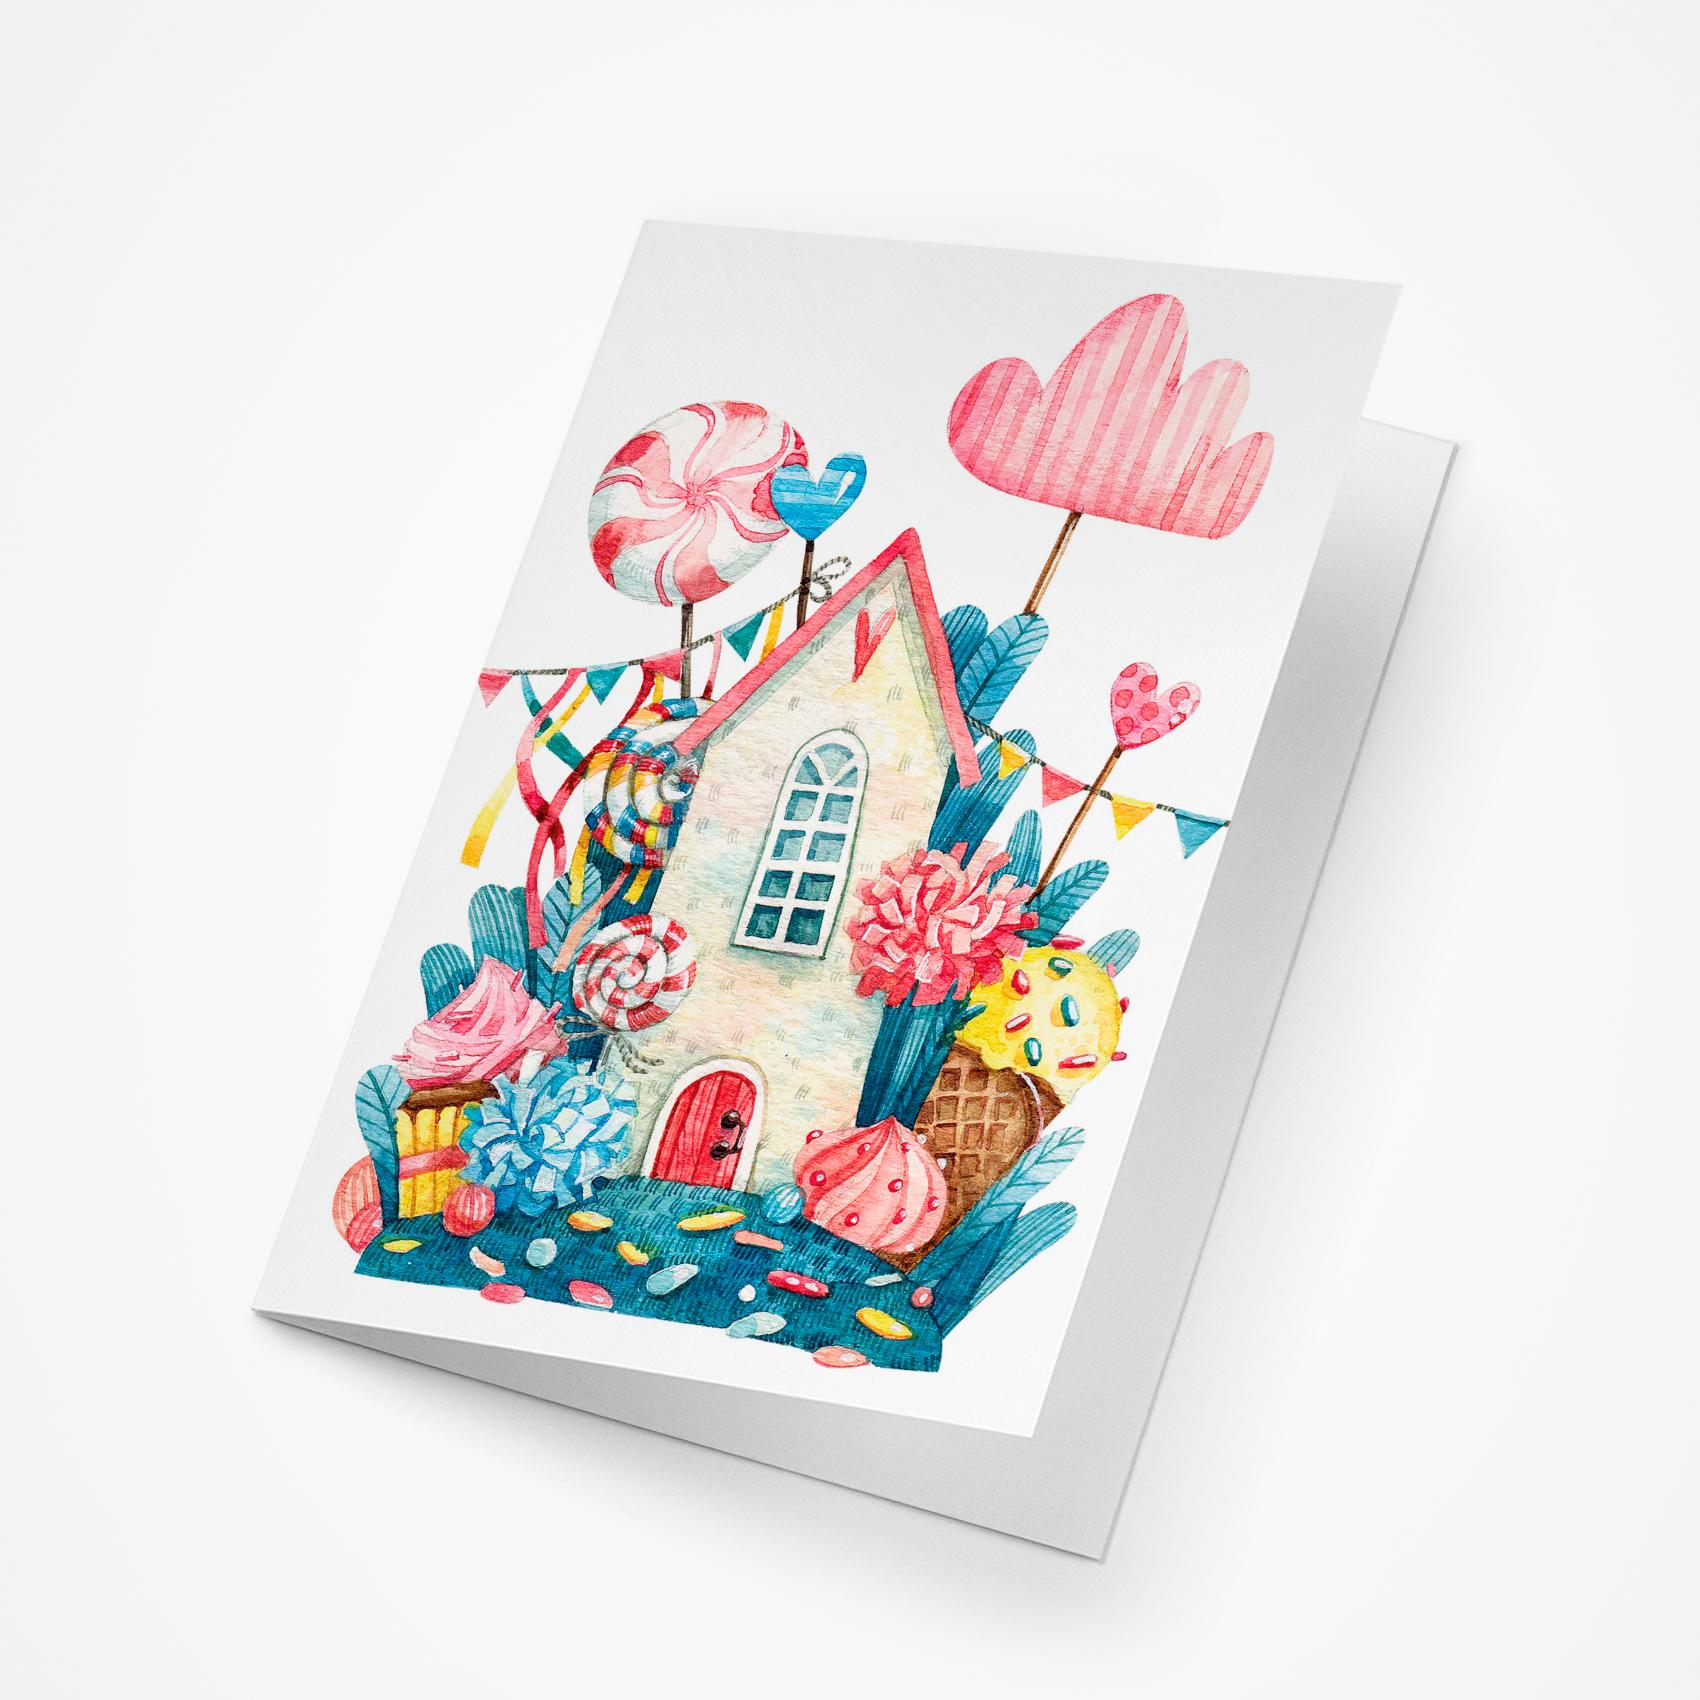 Поздравительные открытки магазин, картинки для детей